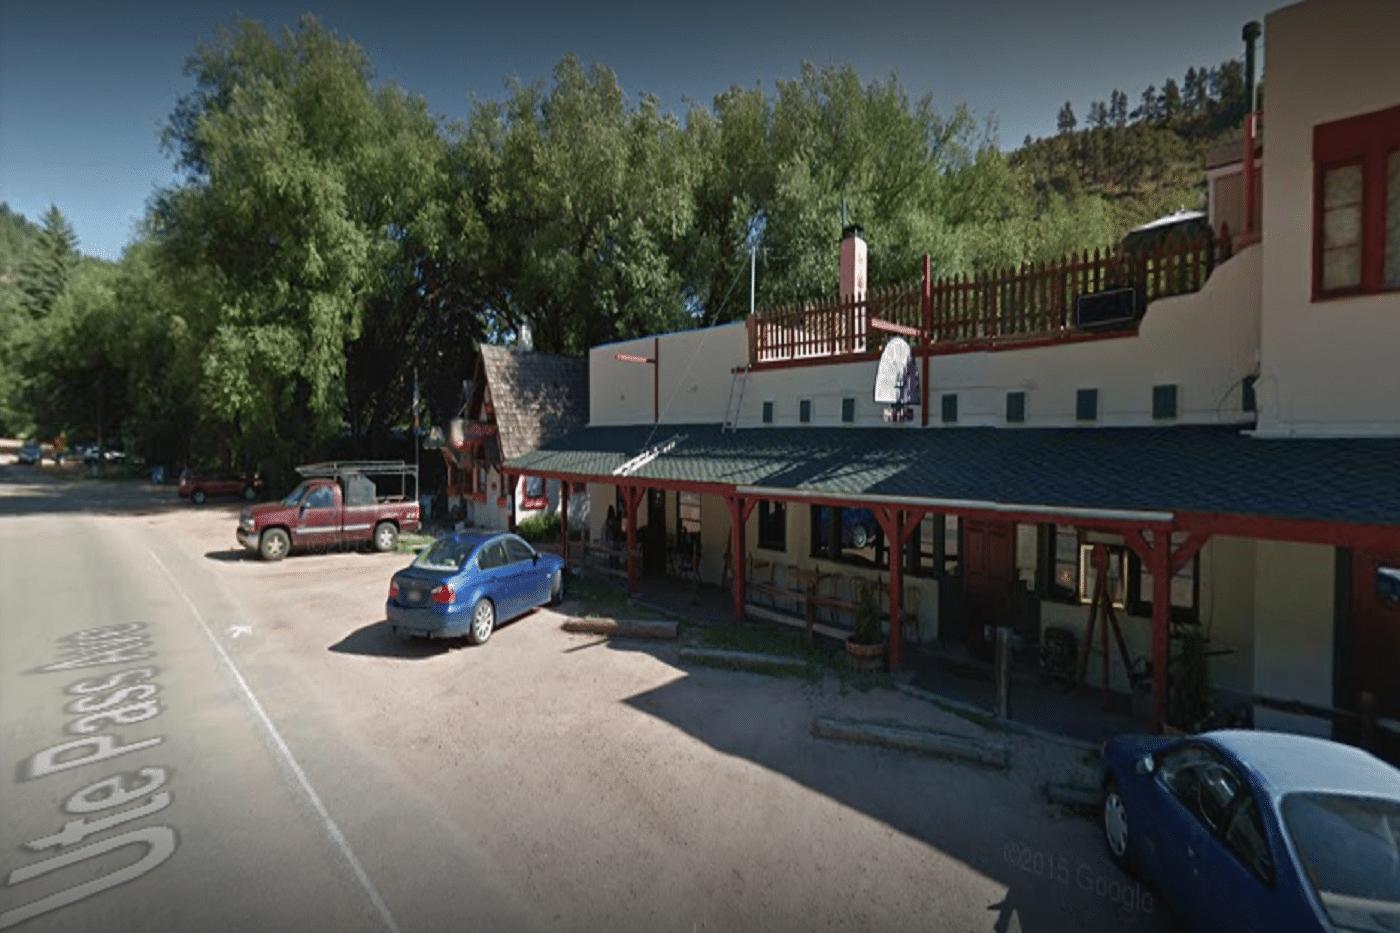 Blue Moose Tavern 10530 Ute Pass Ave, Green Mountain Falls, CO Fined for Refilling Liquor Bottles